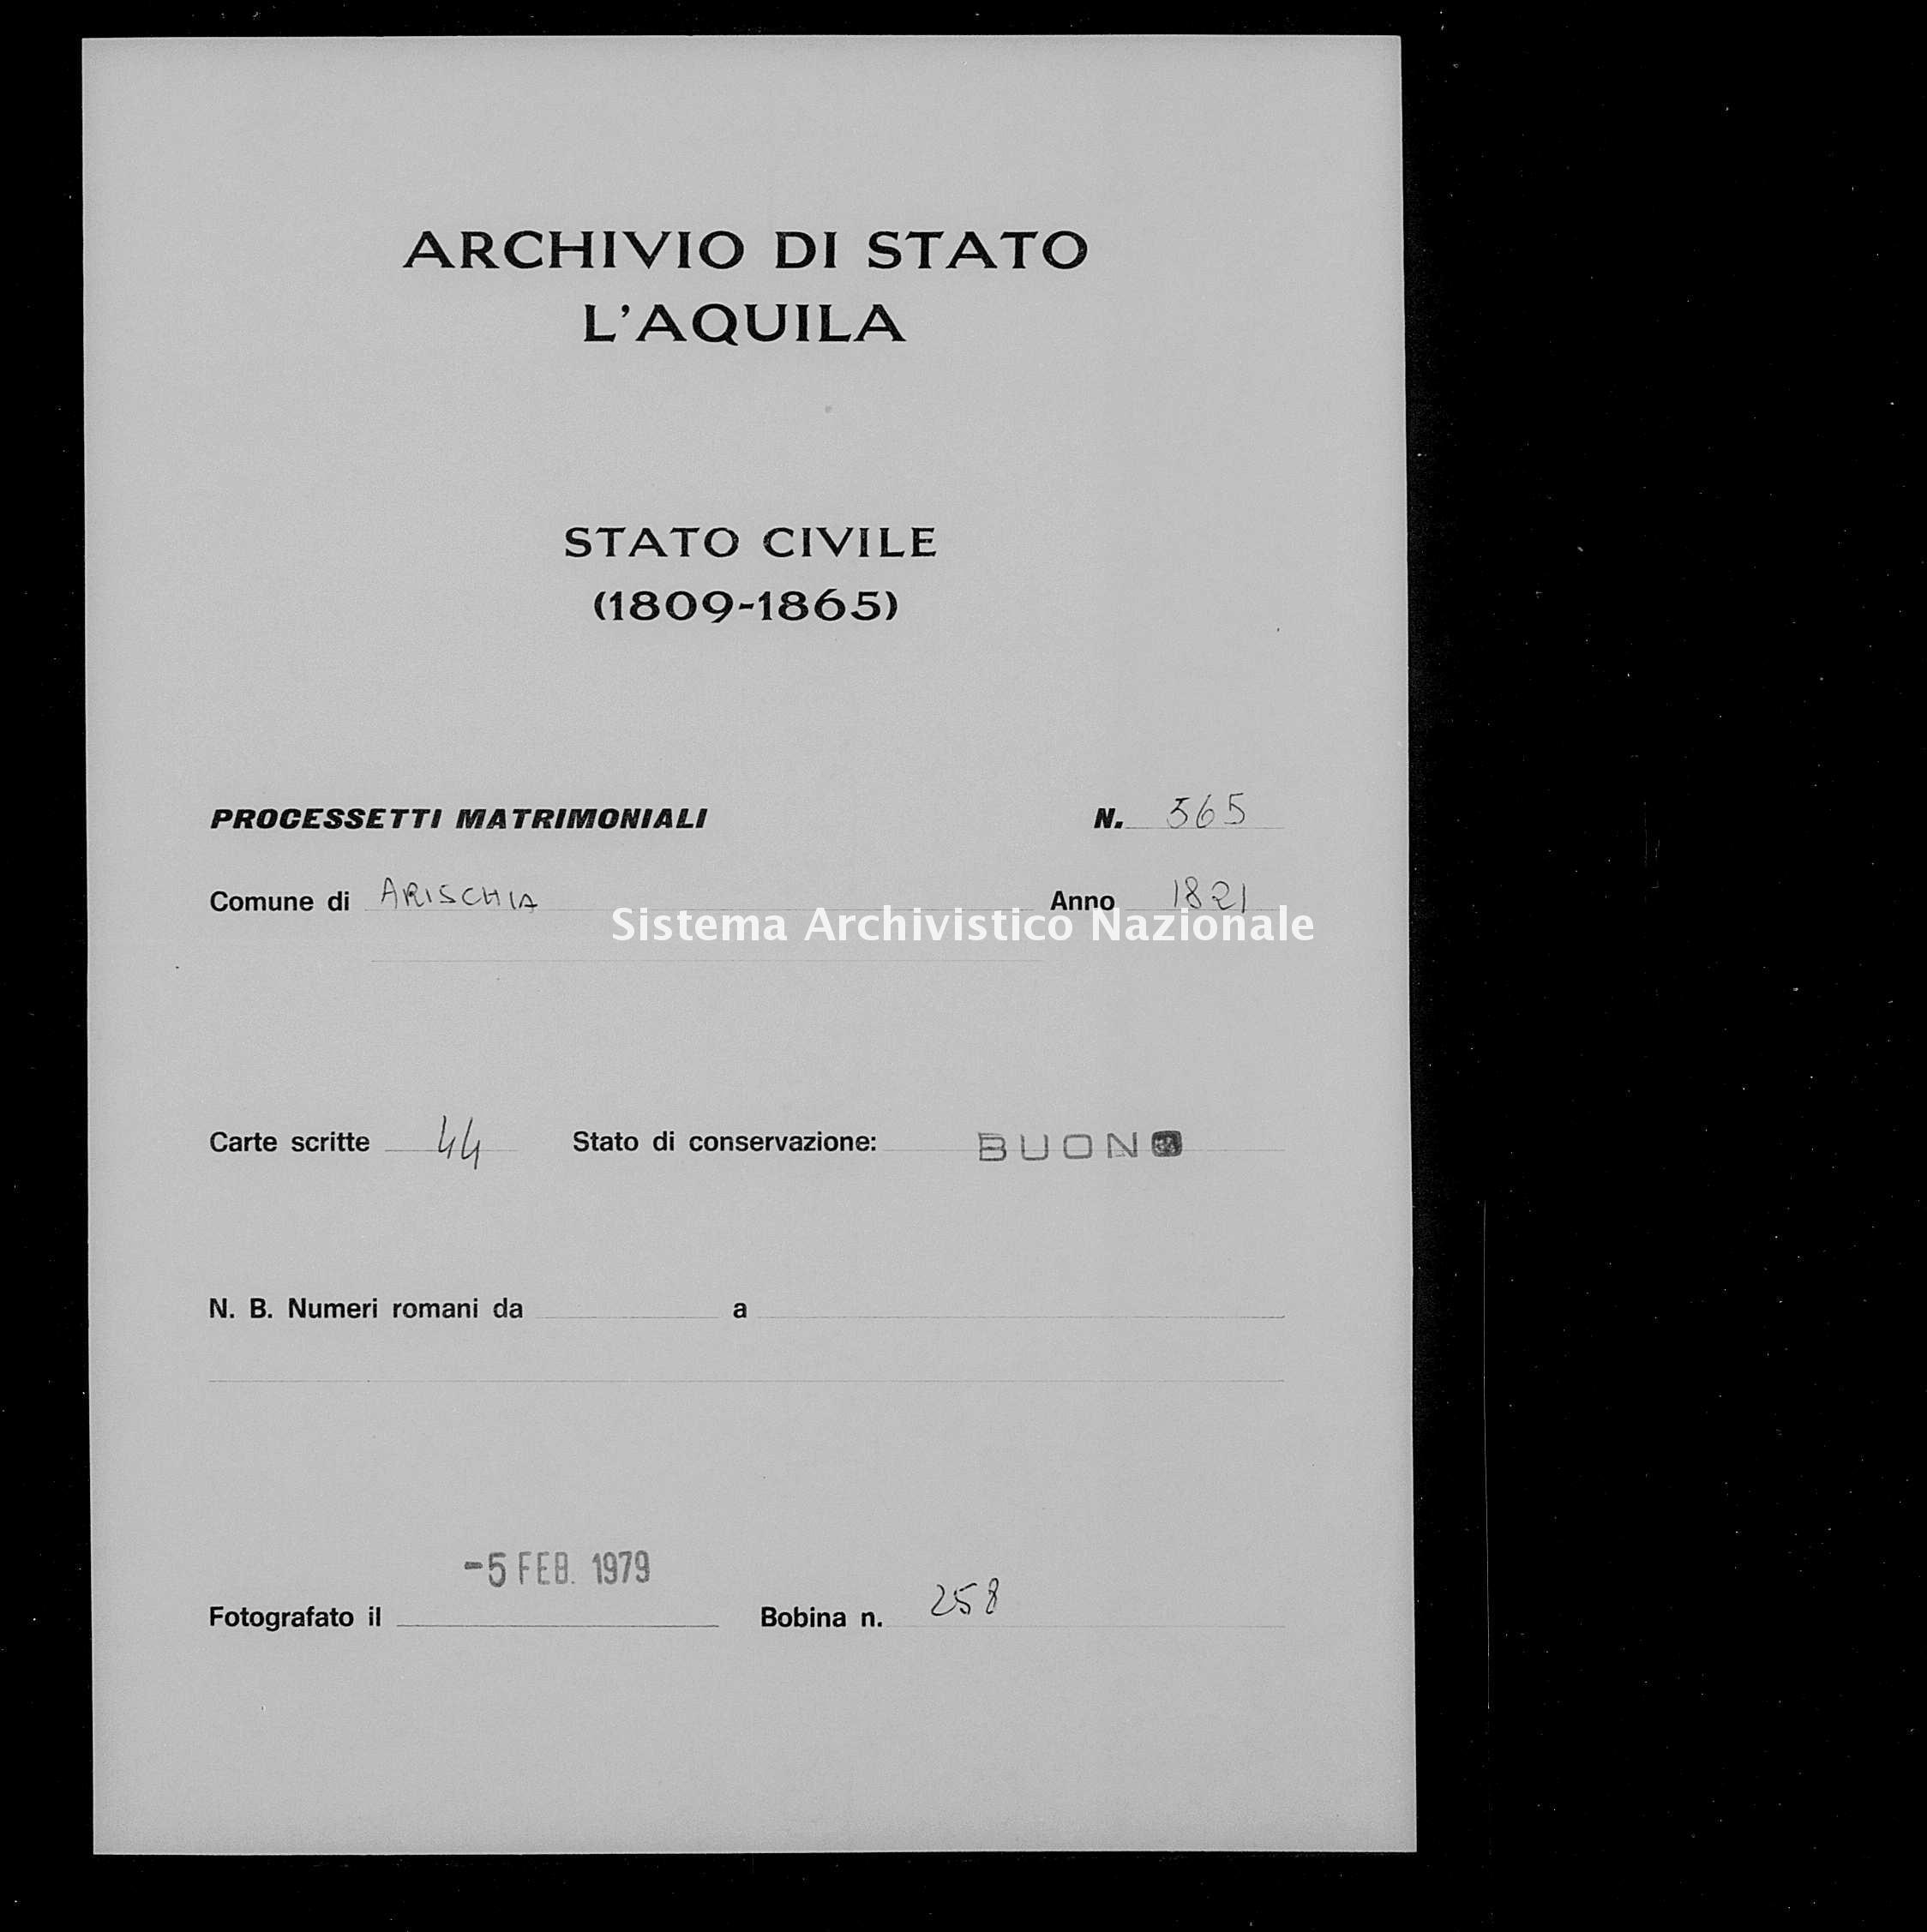 Archivio di stato di L'aquila - Stato civile della restaurazione - Arischia - Matrimoni, processetti - 1821 - 565 -